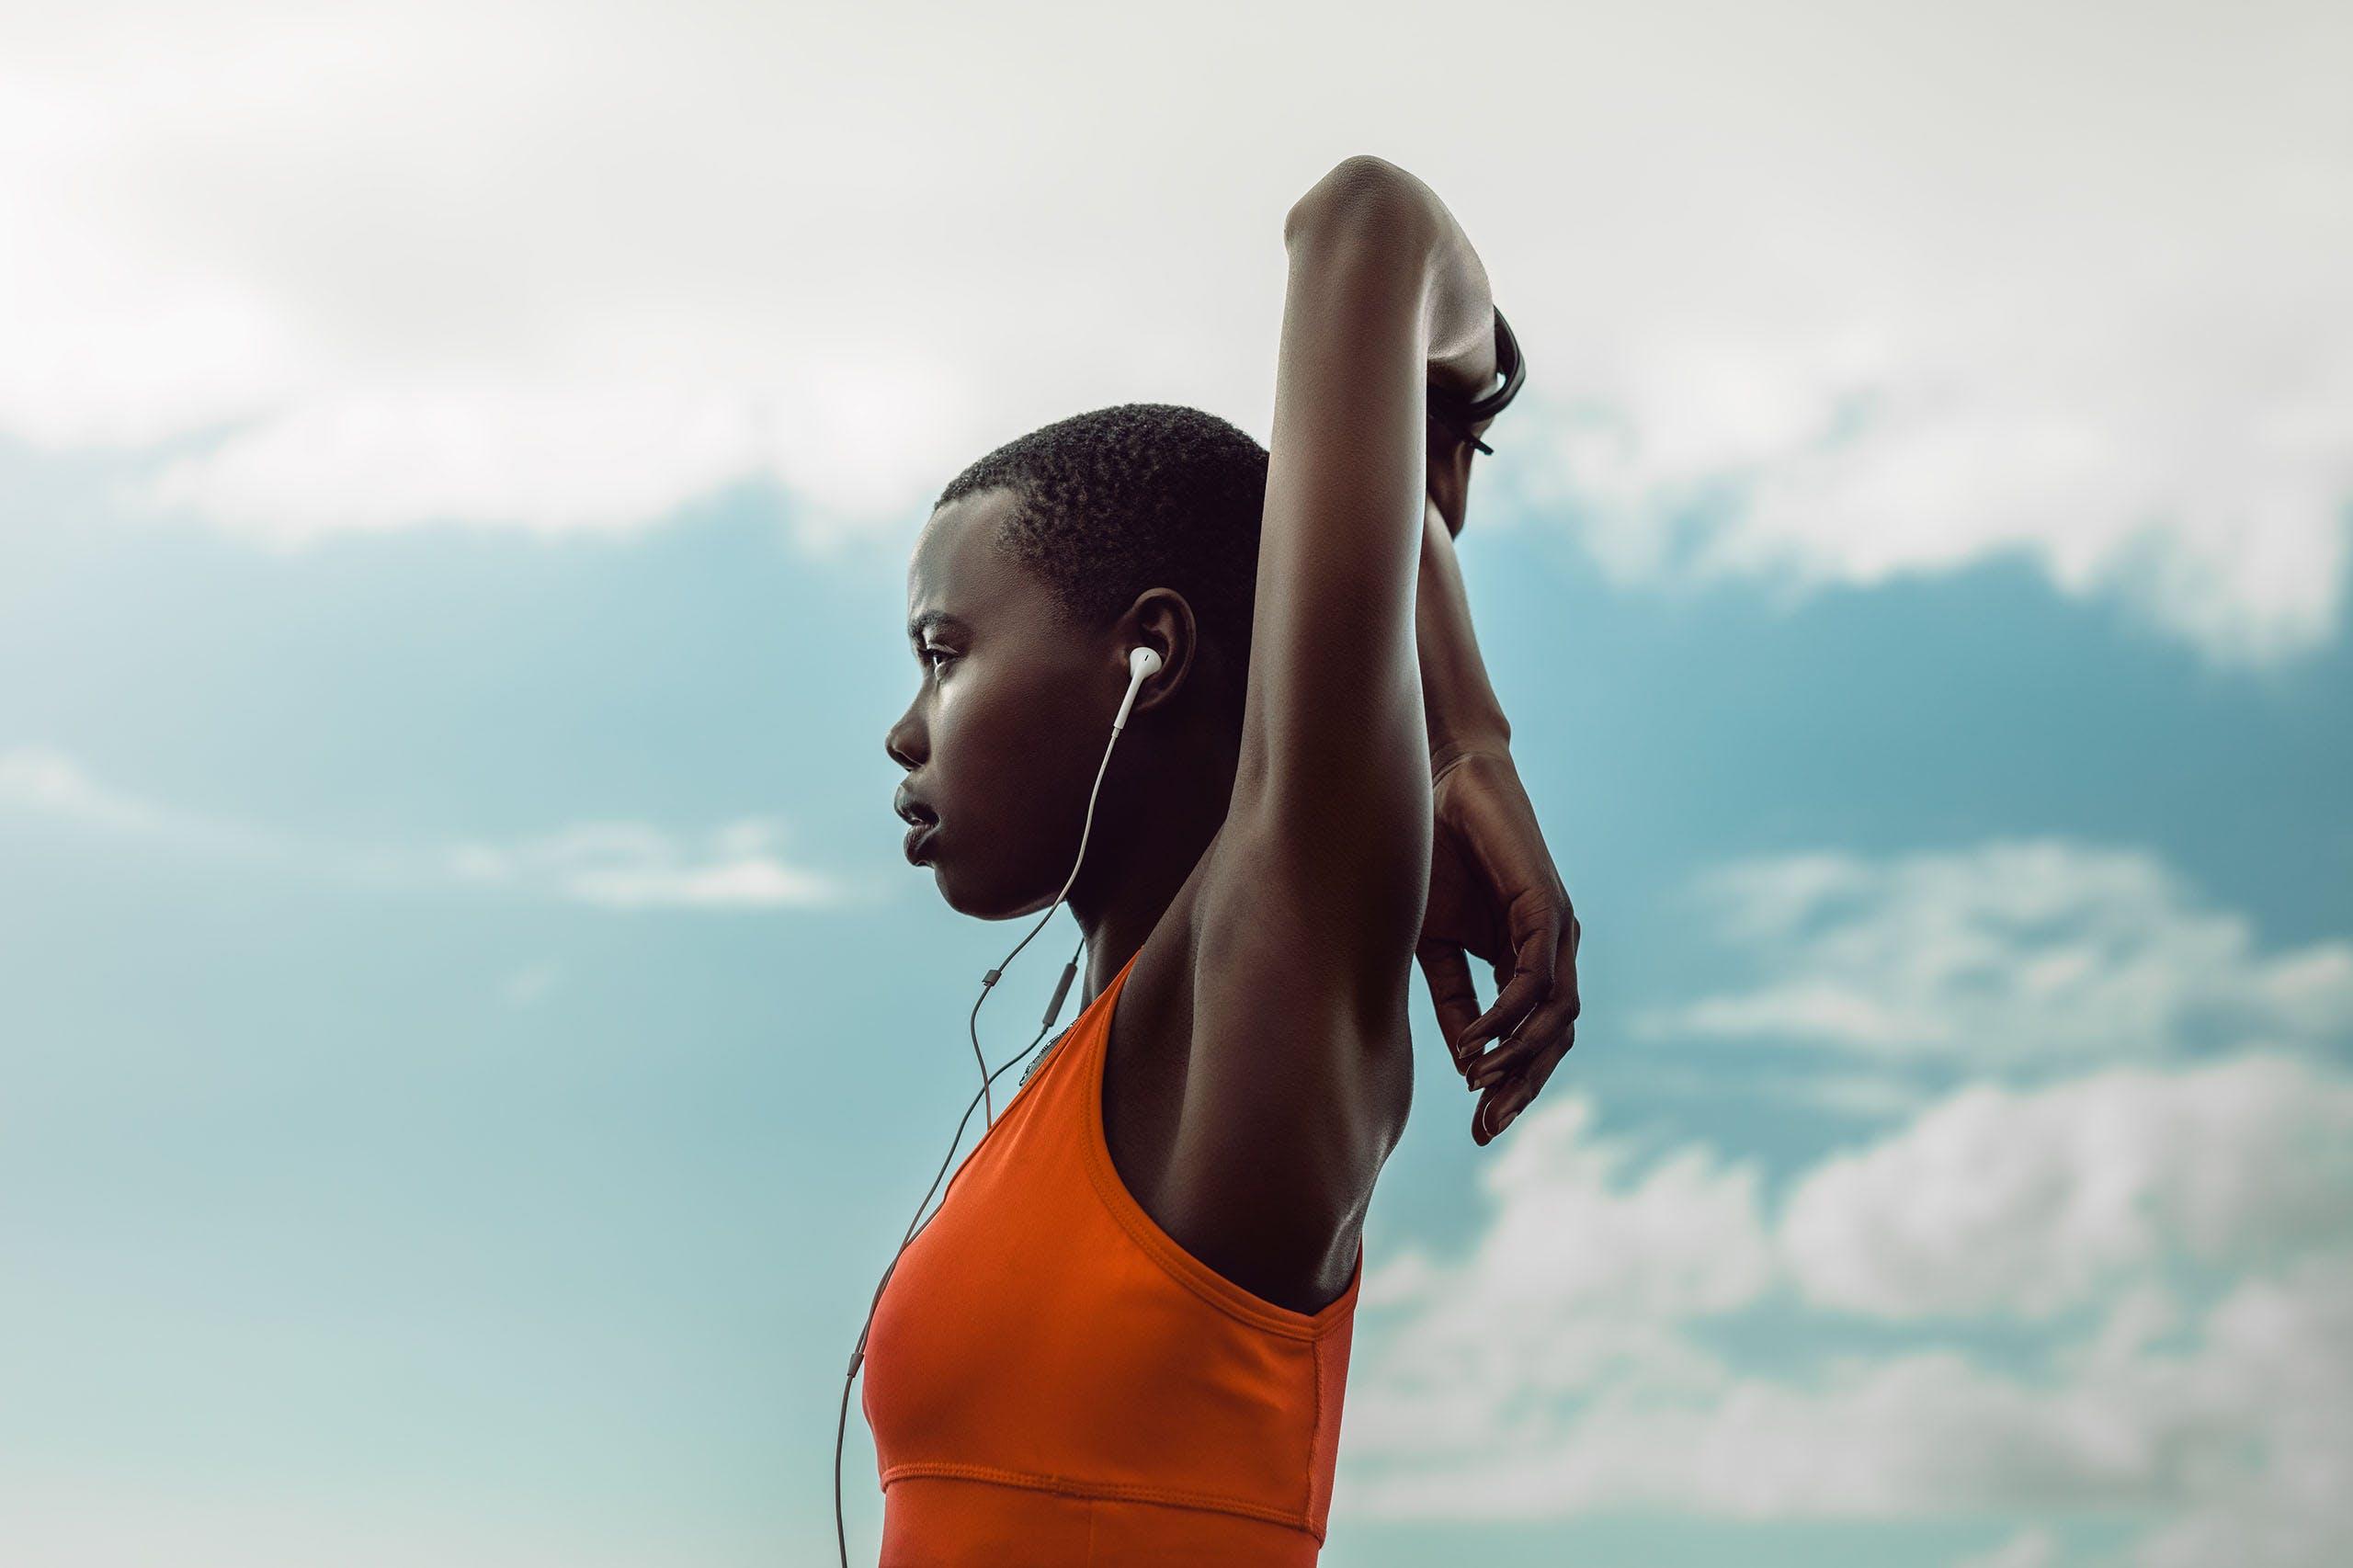 Une femme s'étire avant de commencer son exercice.